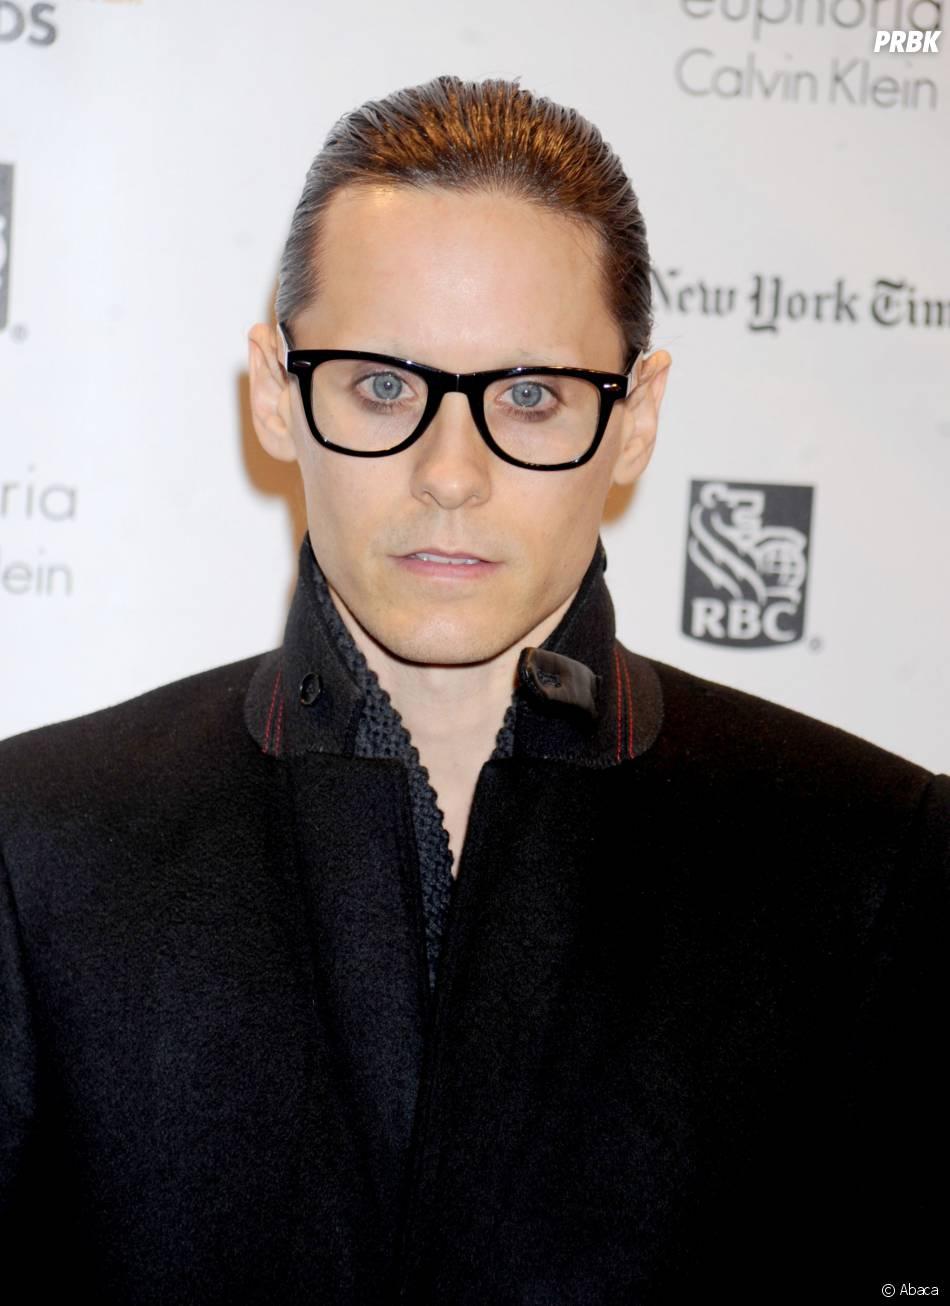 Jared Leto : sans barbe mais amaigri après le tournage de Dallas Buyers Club en 2012